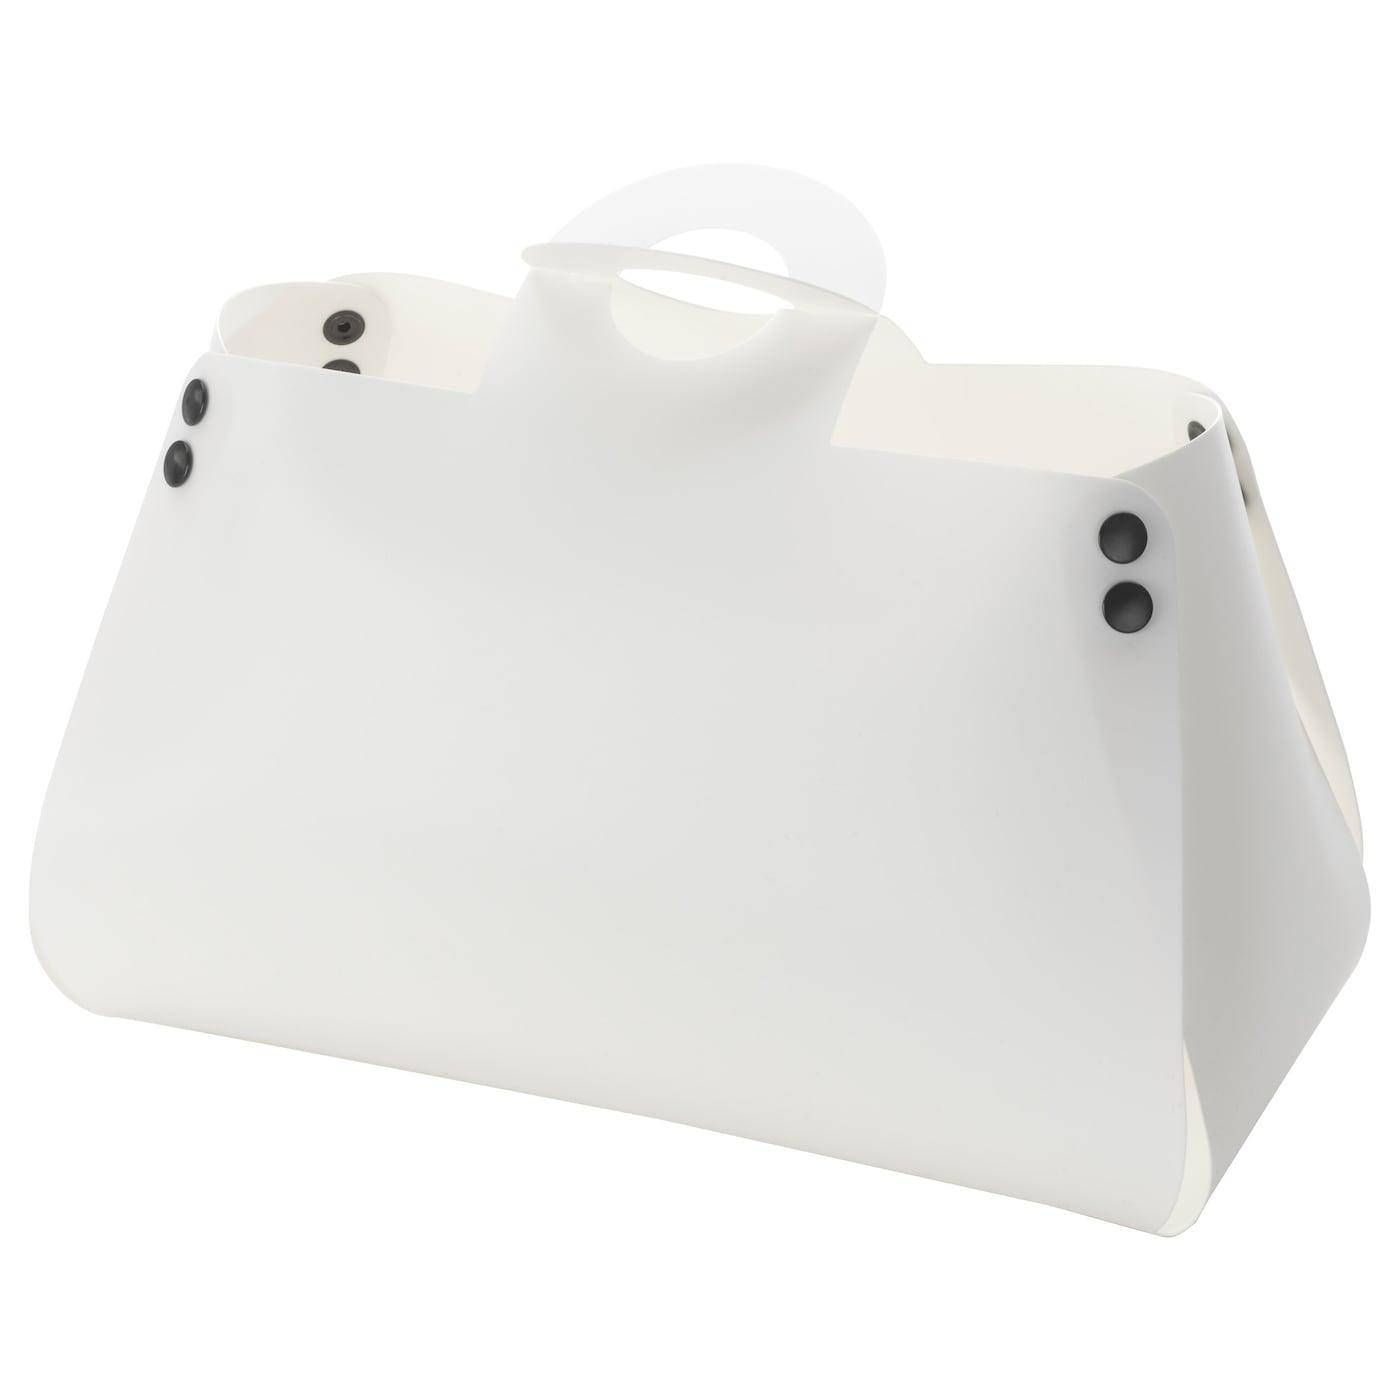 IDEBO | Baumarkt > Elektroinstallation > Weitere-Kabel | Weiß | IKEA